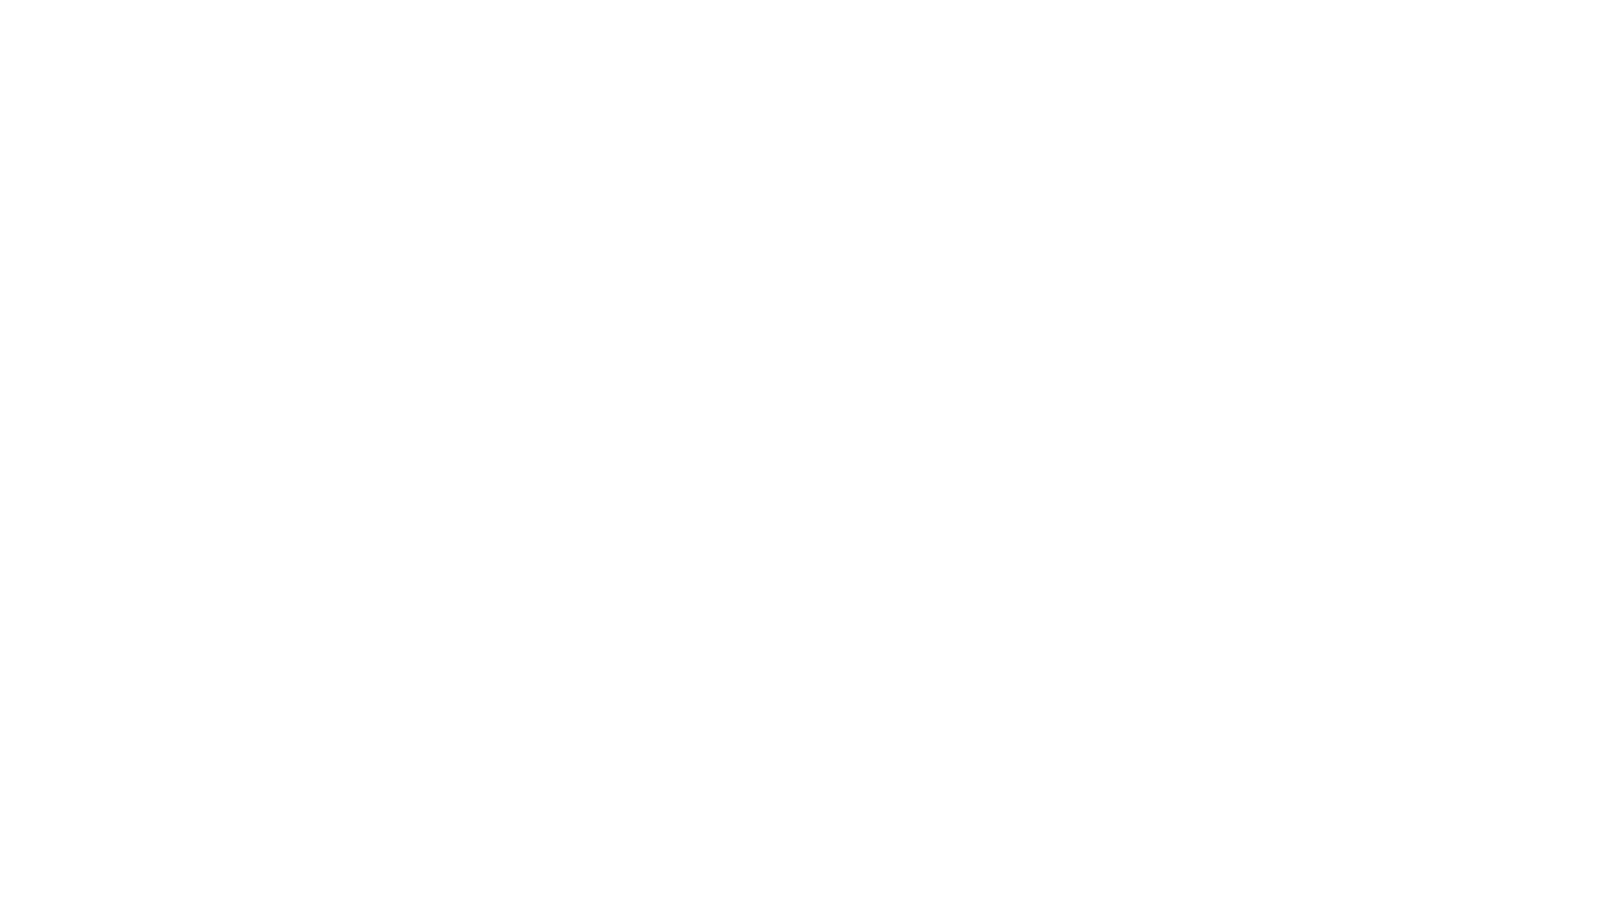 Bieg po 4 milion Zapraszamy na zapisy na ogólnopolski bieg dla Niny, który odbędzie się 16-18.04.2021r. Jak dołączyć? To proste: 1. Uzupełnij formularz zgłoszeniowy dostępny na https://frslublin.pl/ w zakładce zapisy lub klikając Numery od 1-100 https://frslublin.pl/pl/app/races/sign_up_form/120... Numery od 101 https://frslublin.pl/pl/app/races/sign_up_form/121 2. Dokonaj opłaty startowej w wysokości minimum 30 zł. Jeżeli możesz – wpłać więcej. 3. Zaproś do wydarzenia swoją rodzinę, przyjaciół i znajomych. 4. Zapisy na bieg tylko do 15 kwietnia 2021 roku do godziny 24:00. 5. Pobiegnij, przespaceruj lub przejedź. 6. Udostępnij swój bieg w social mediach odznaczając #ArmiaNiny #NineczkaKropeczka Wspólnie pobiegnijcie dla Nineczki Kropeczki Wy potrzebujecie treningów, a Nina leku do swego biegu przez życie.